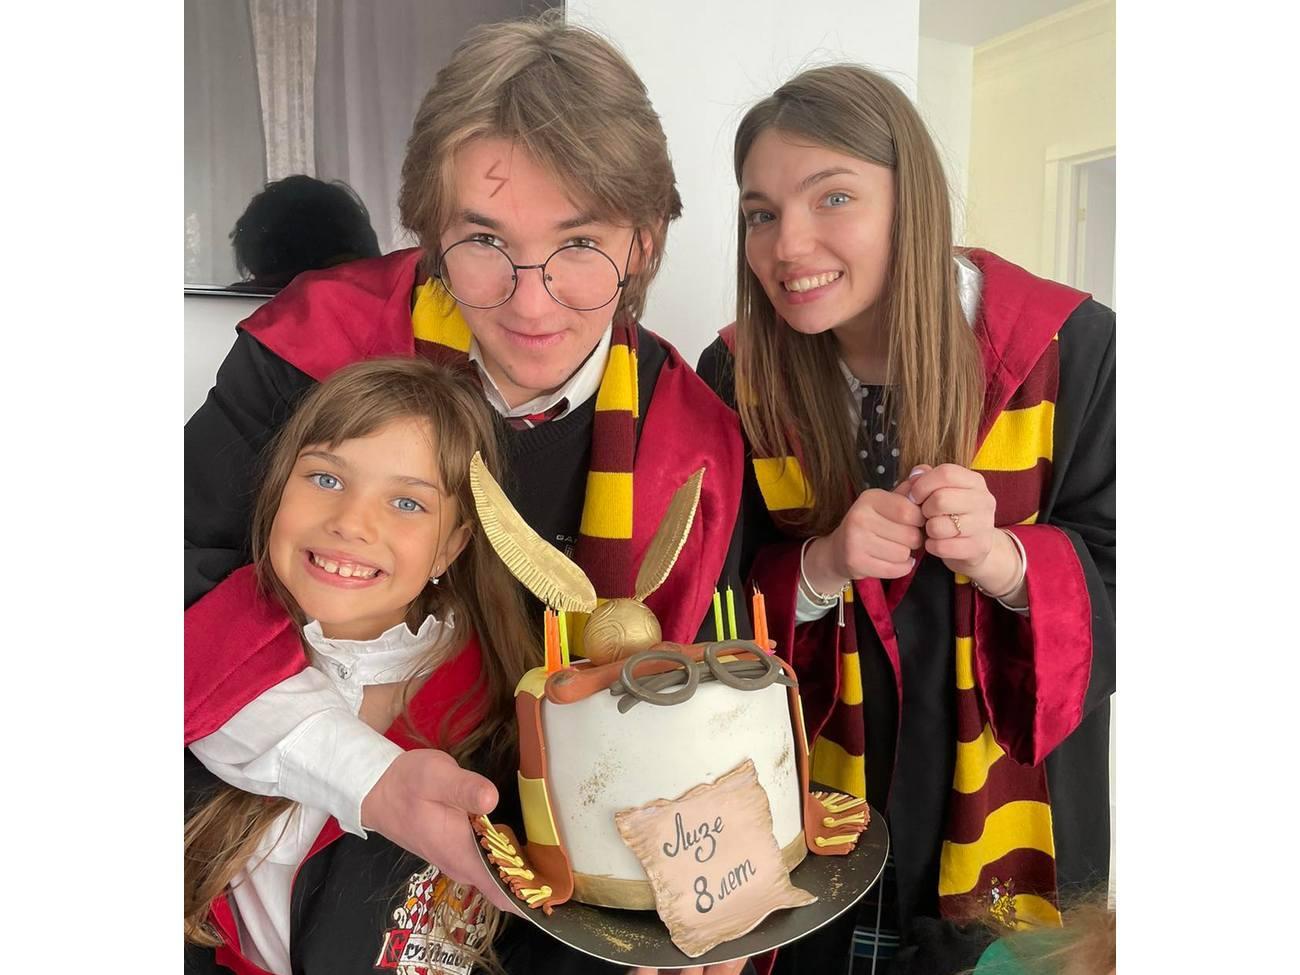 Именинница Лиза с аниматорами Гарри Поттером и Гермионой